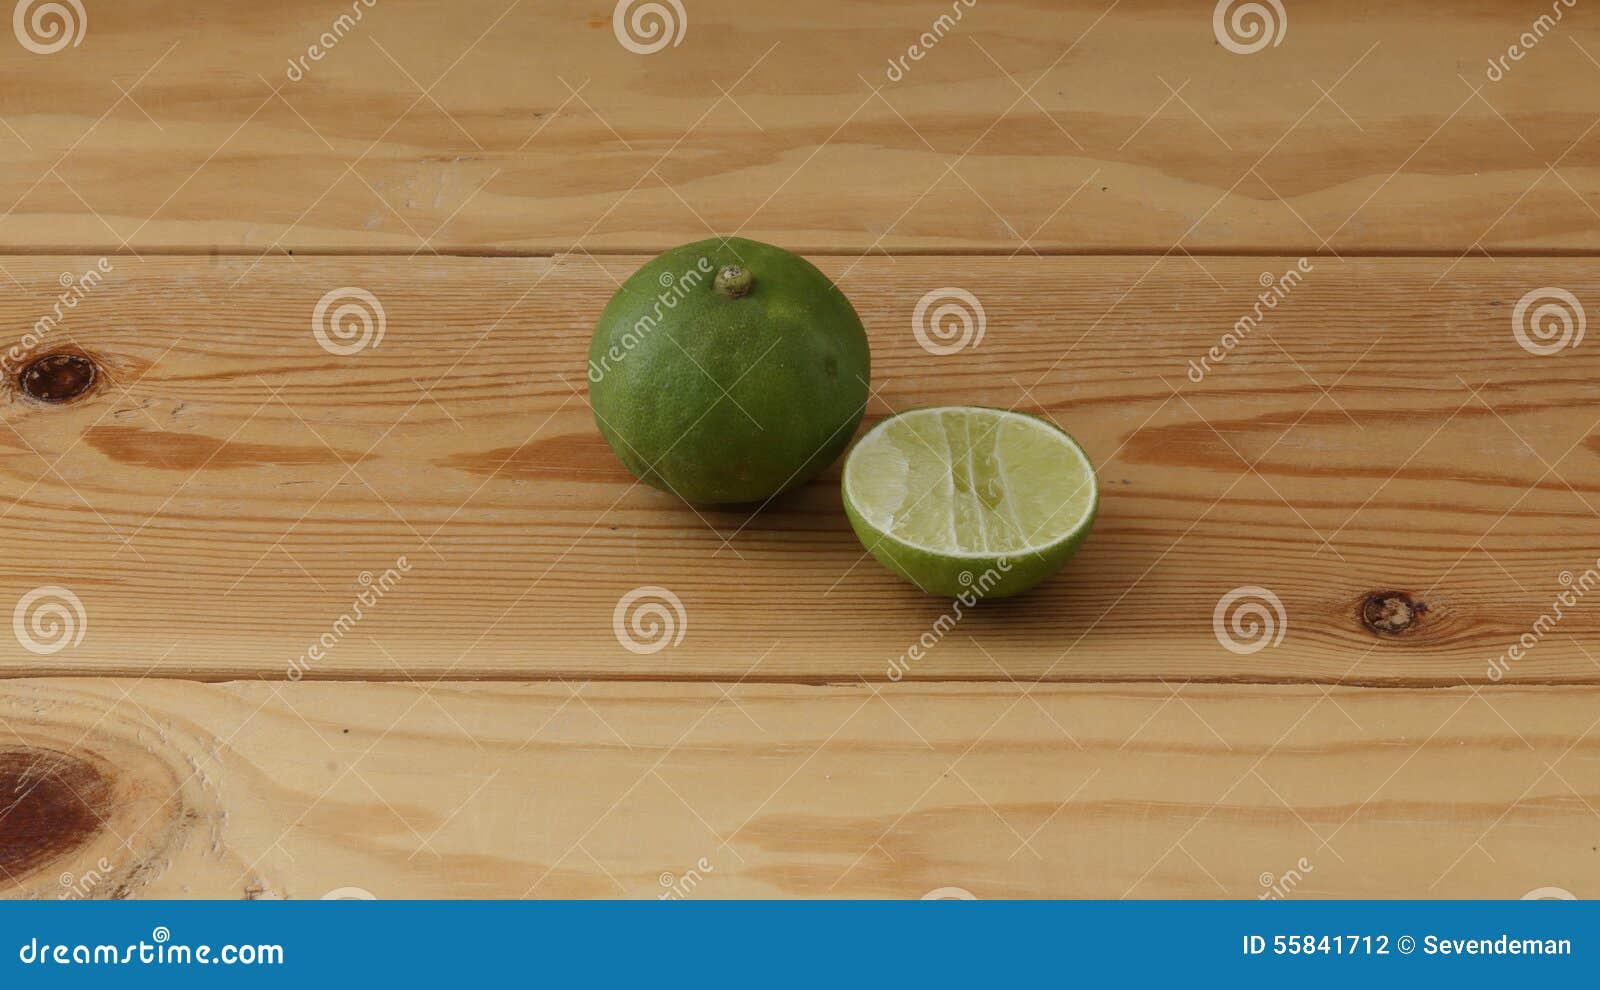 Sliced lime.